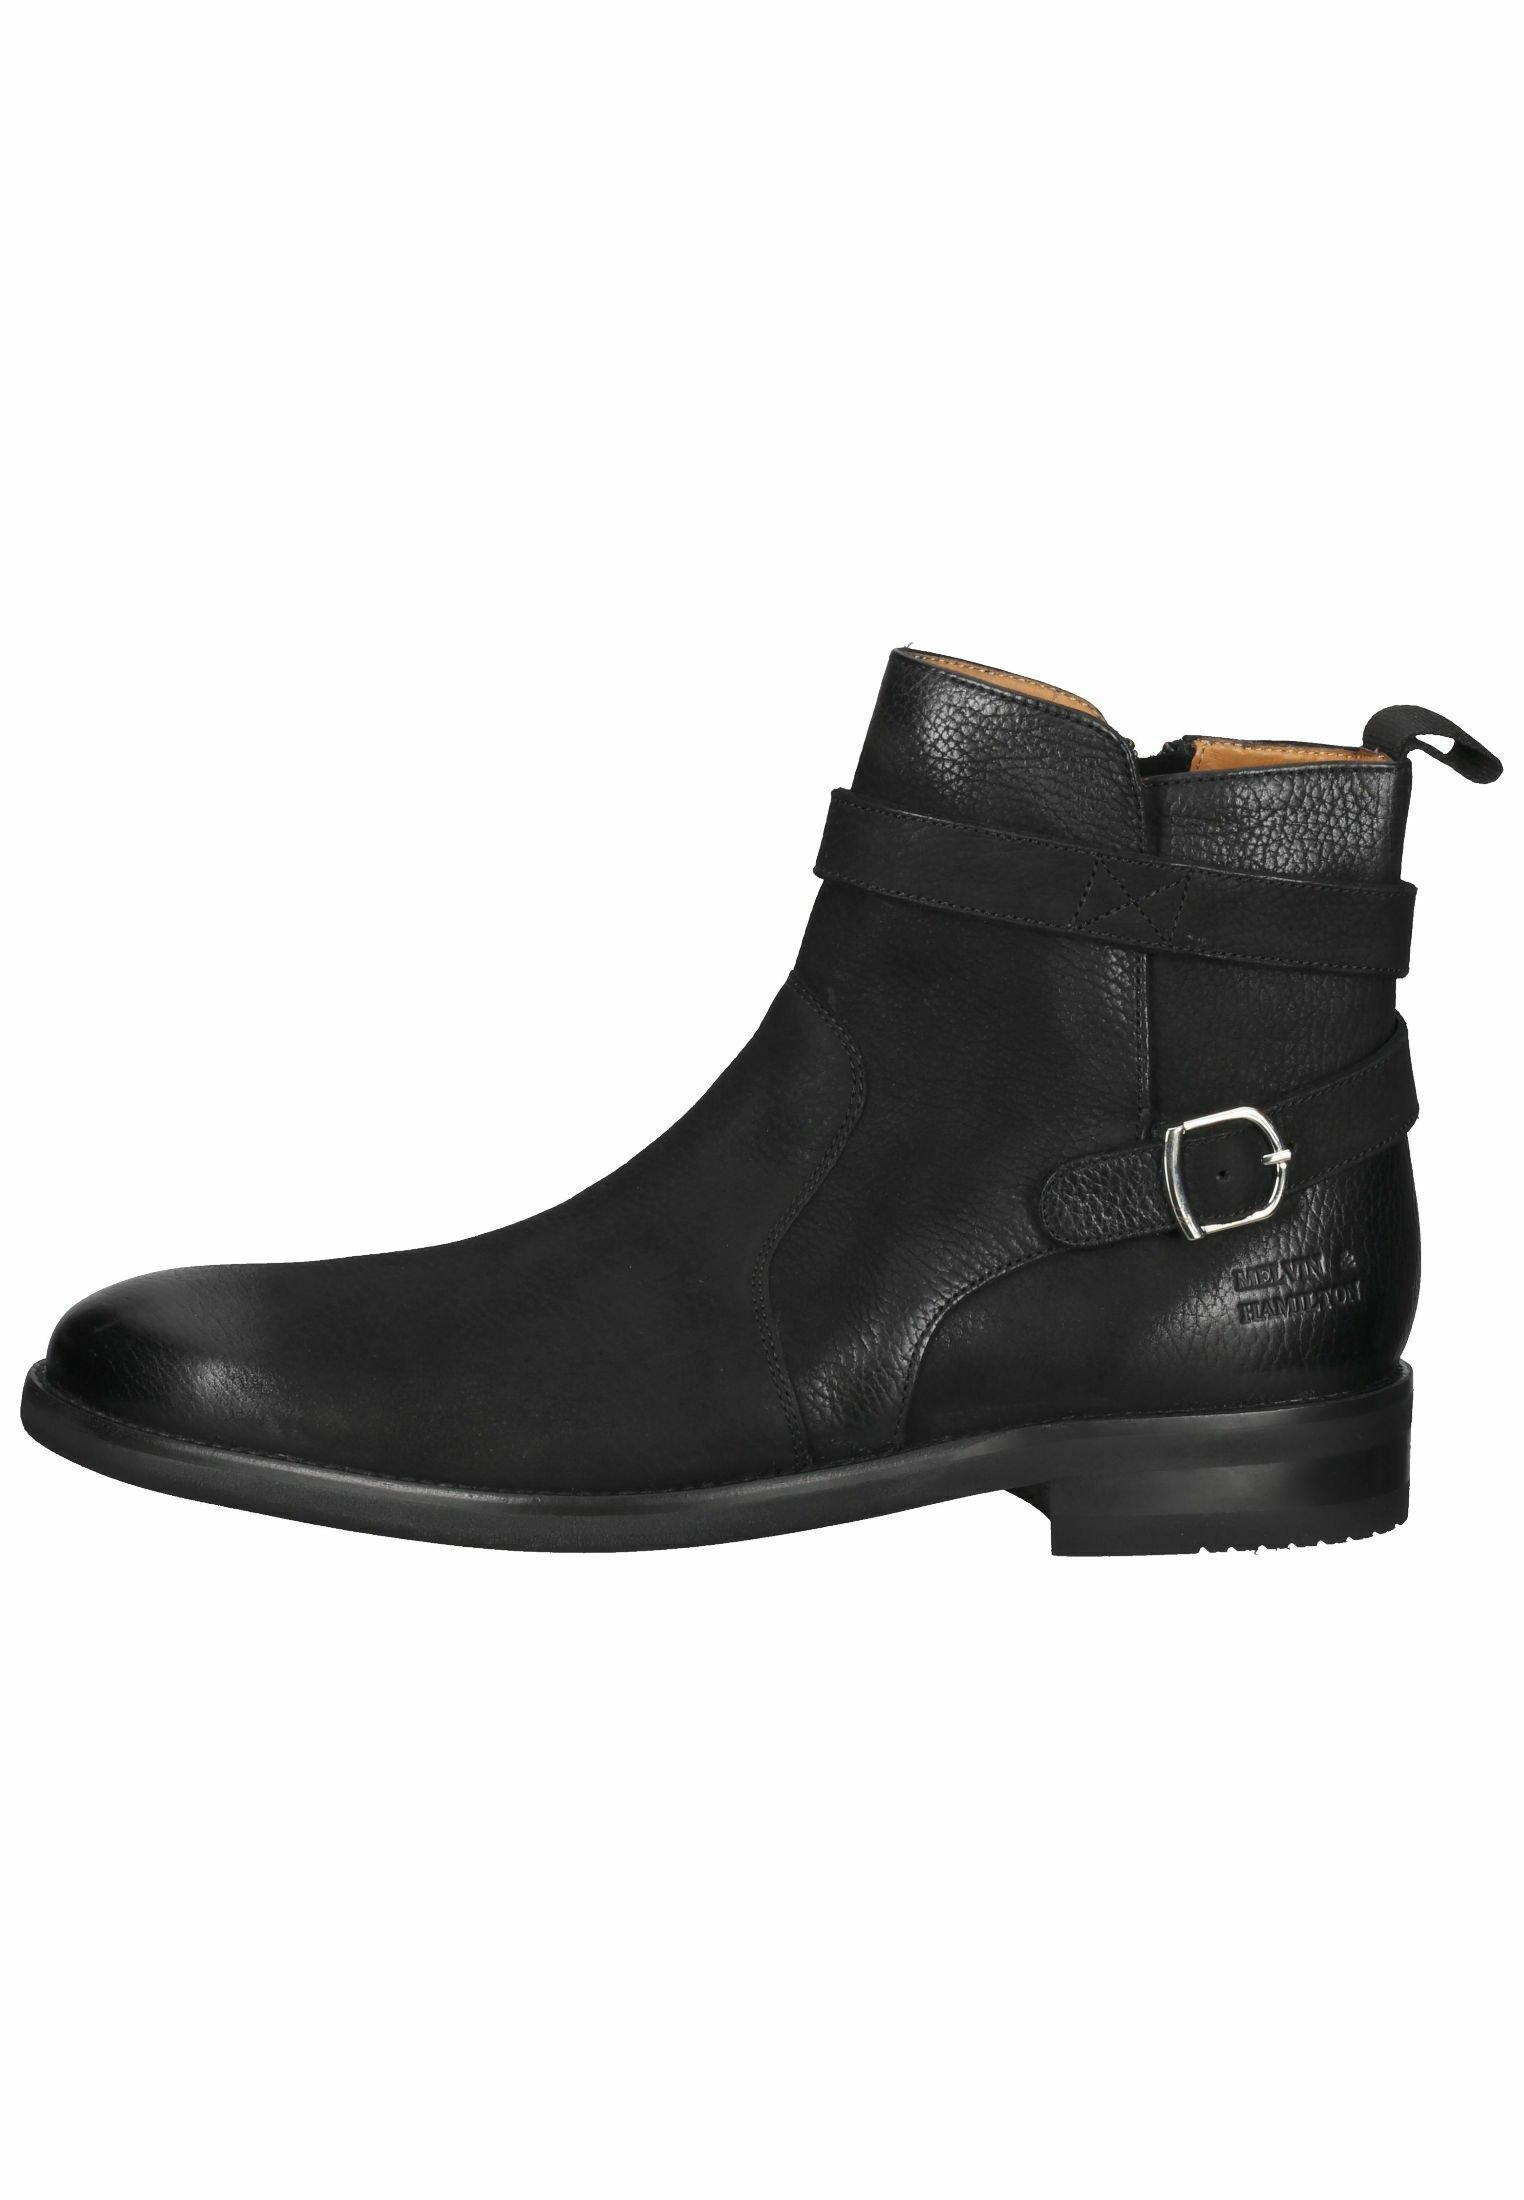 Herren Cowboy-/Bikerstiefelette - como black henry